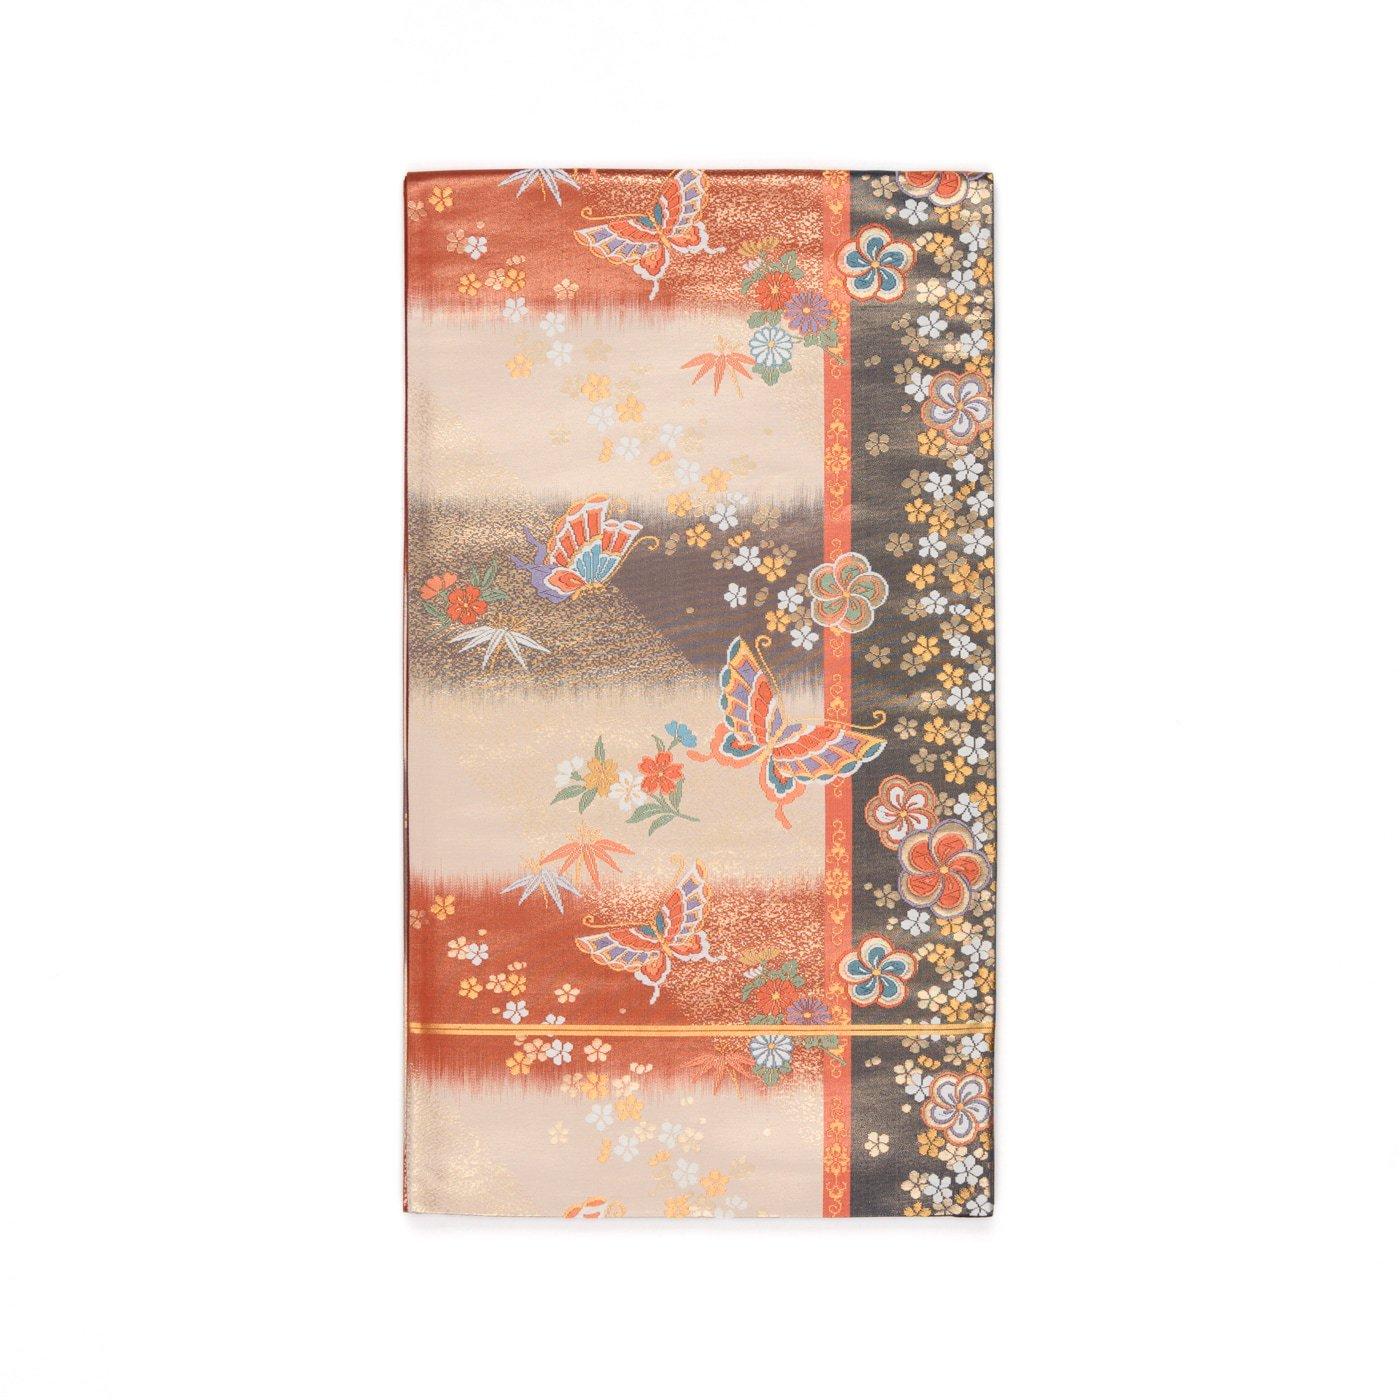 「袋帯●花と蝶」の商品画像